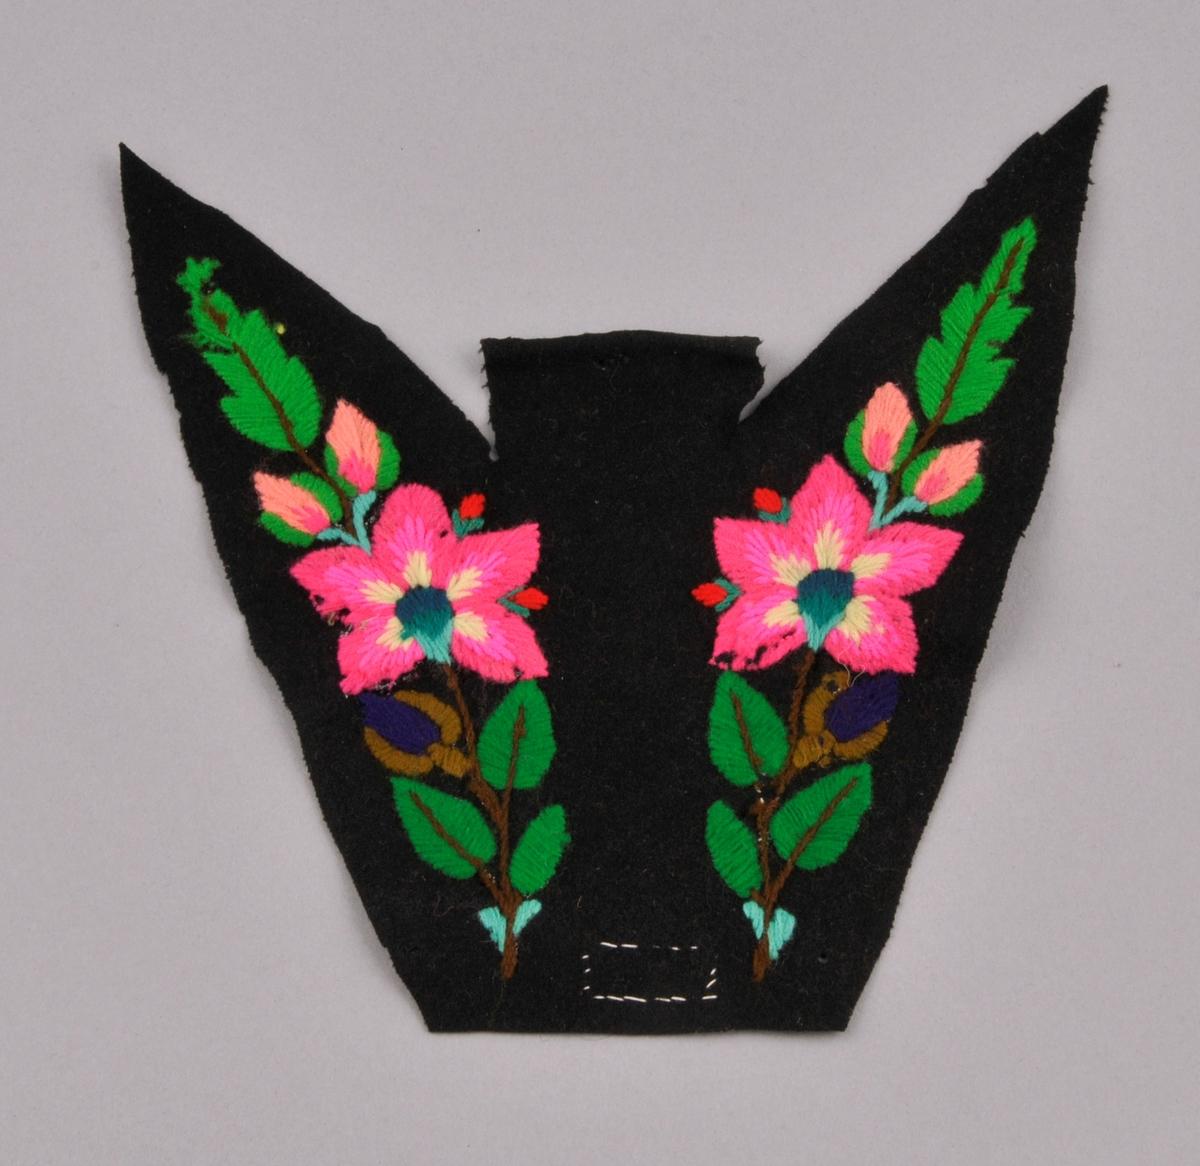 Broderi på svart klede, del av bakstykke til eit draktliv. Motivet er blomar og blad i sterke fargar.